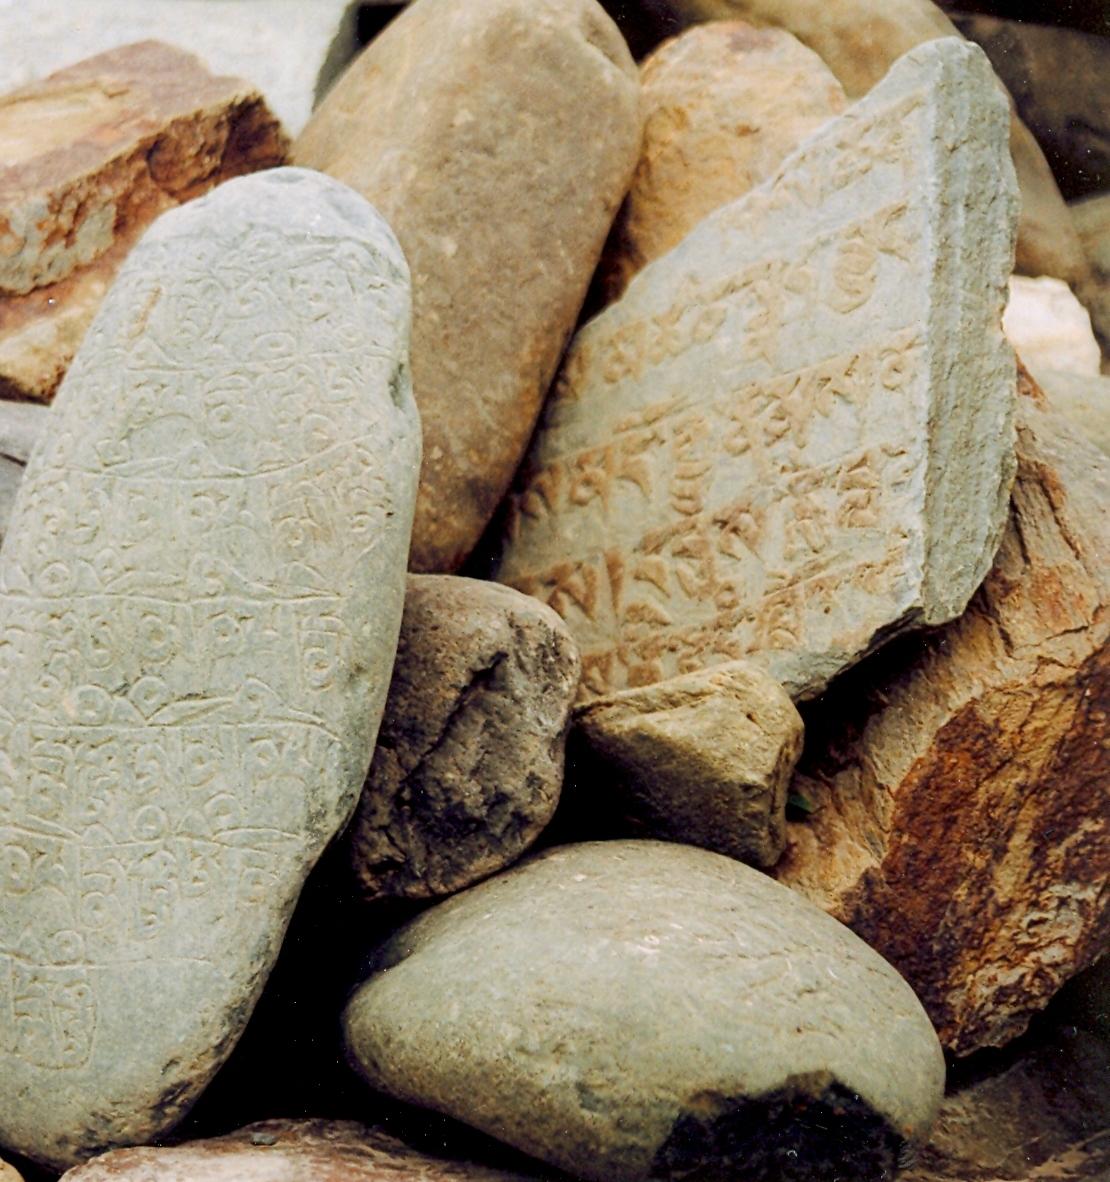 Mani stone - Wikipedia